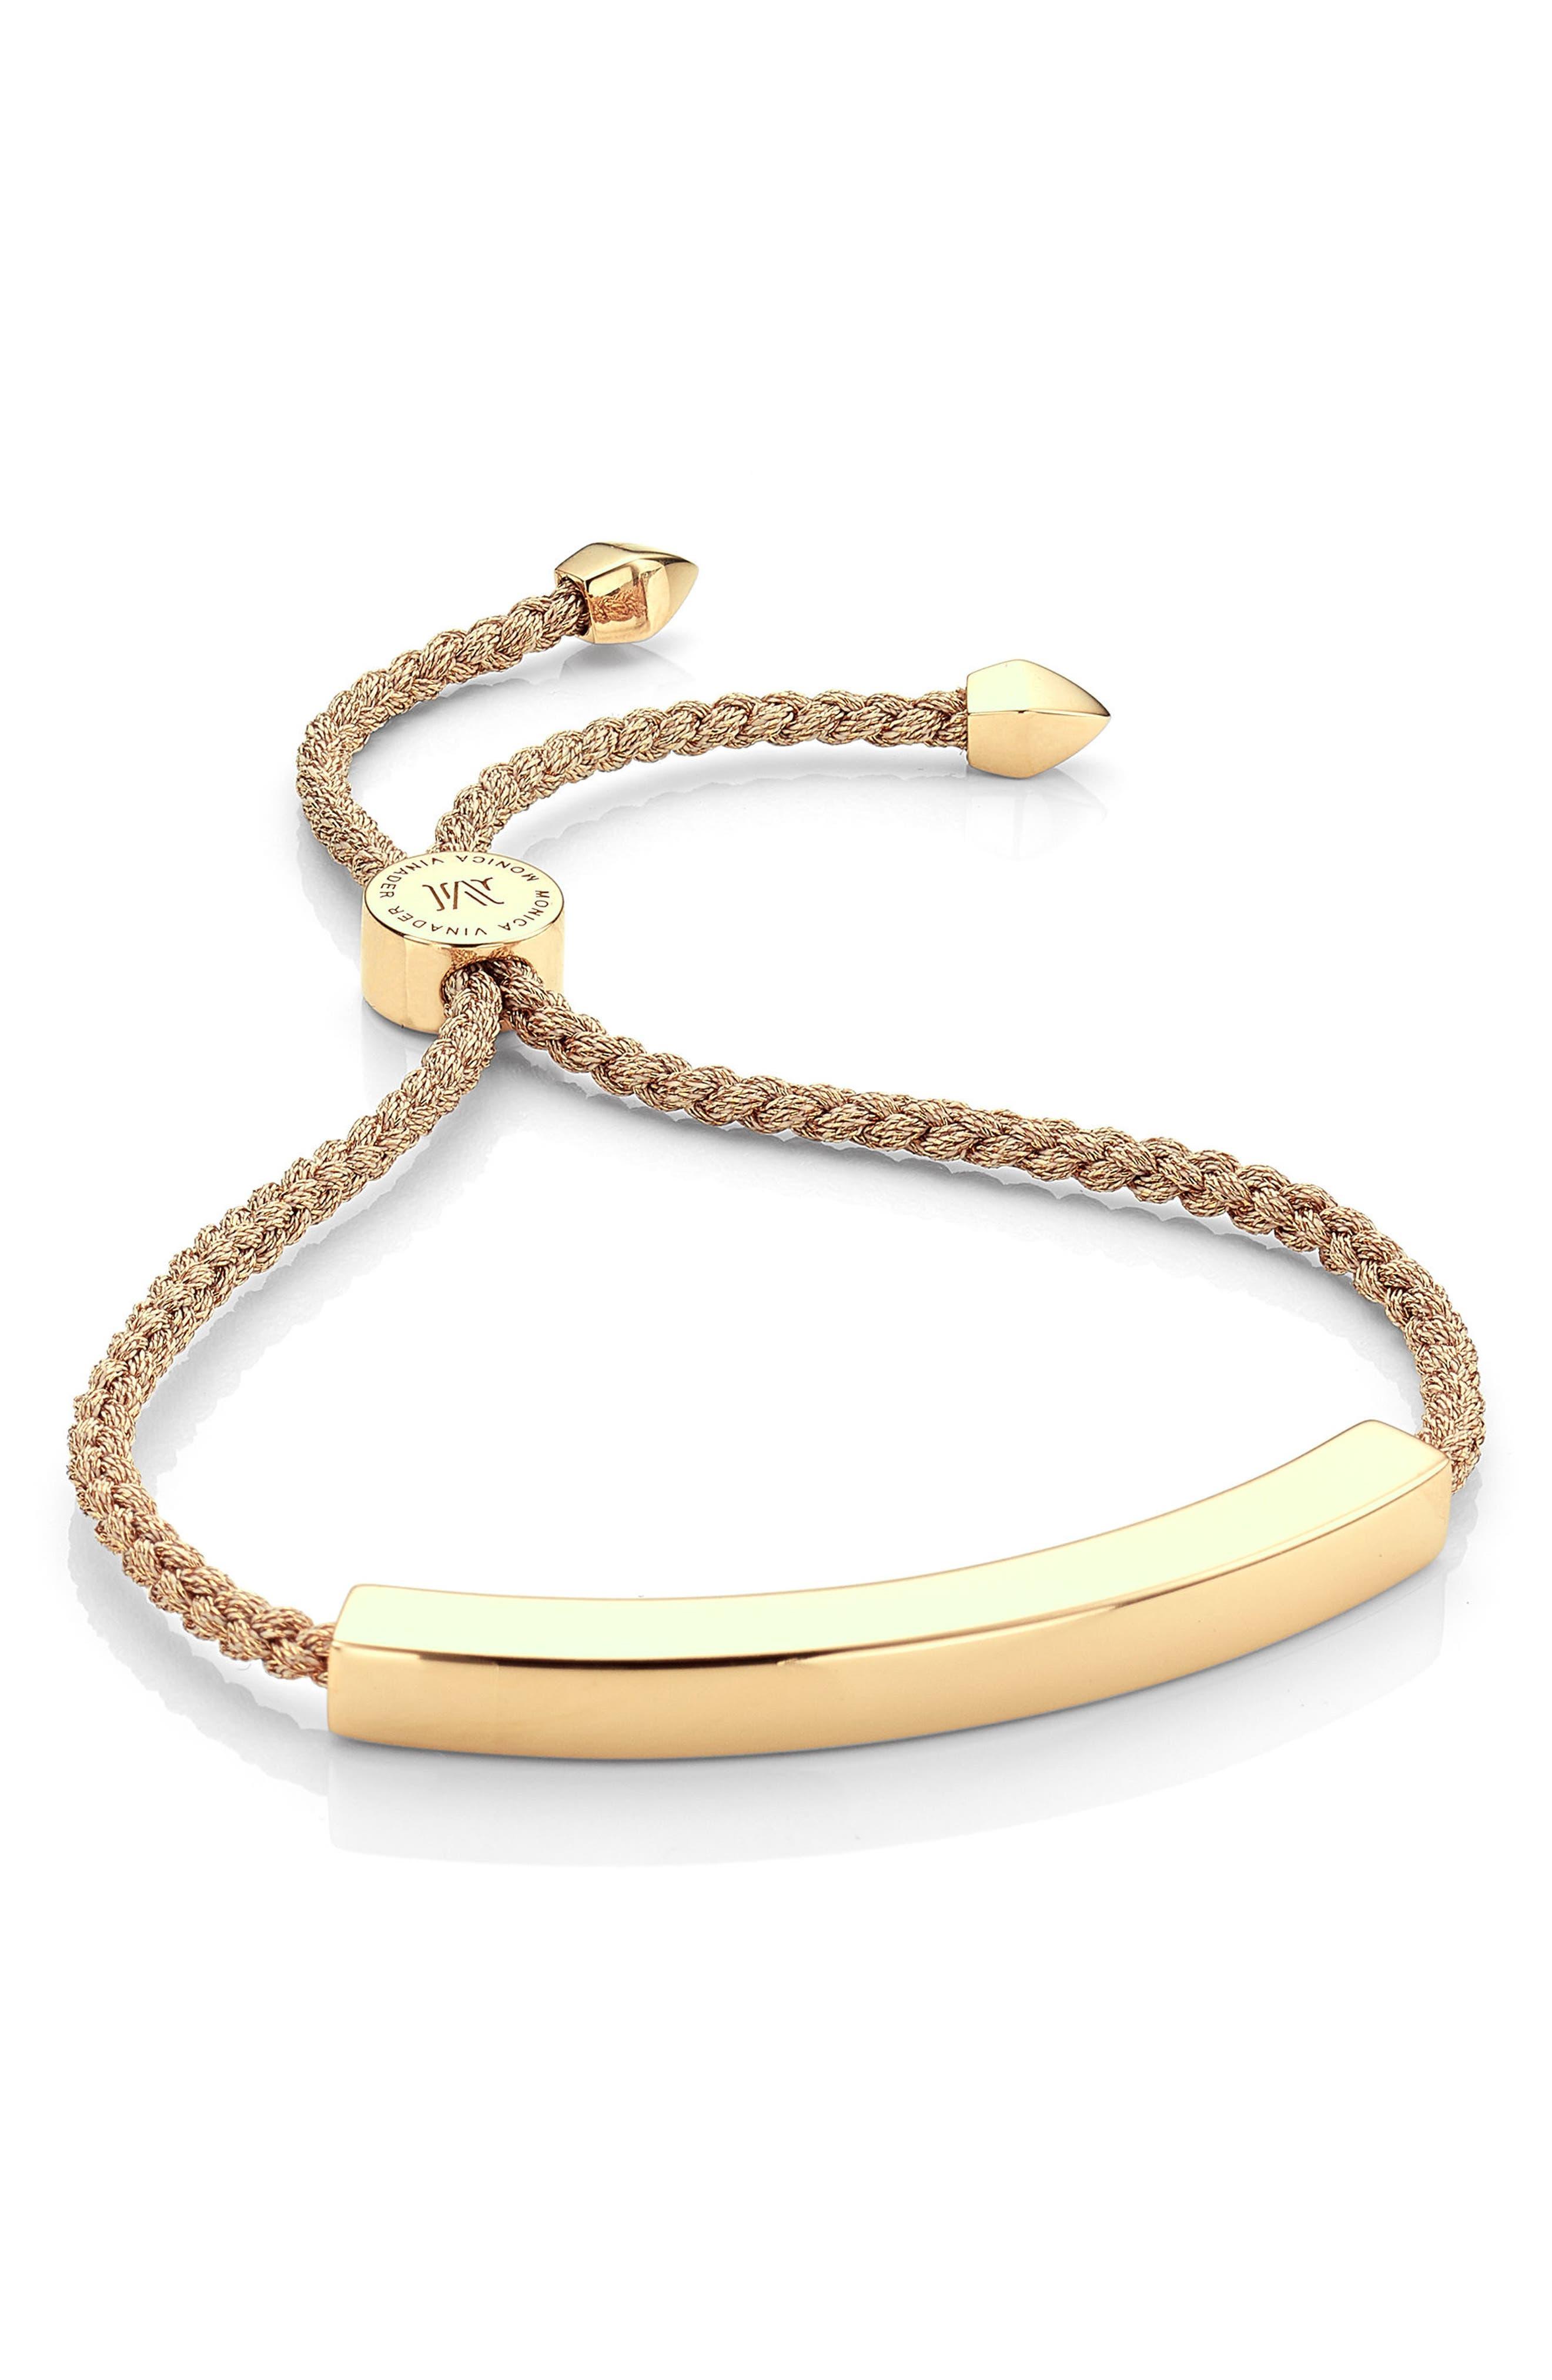 Engravable Linear Friendship Bracelet,                         Main,                         color, METALLIC/ YELLOW GOLD